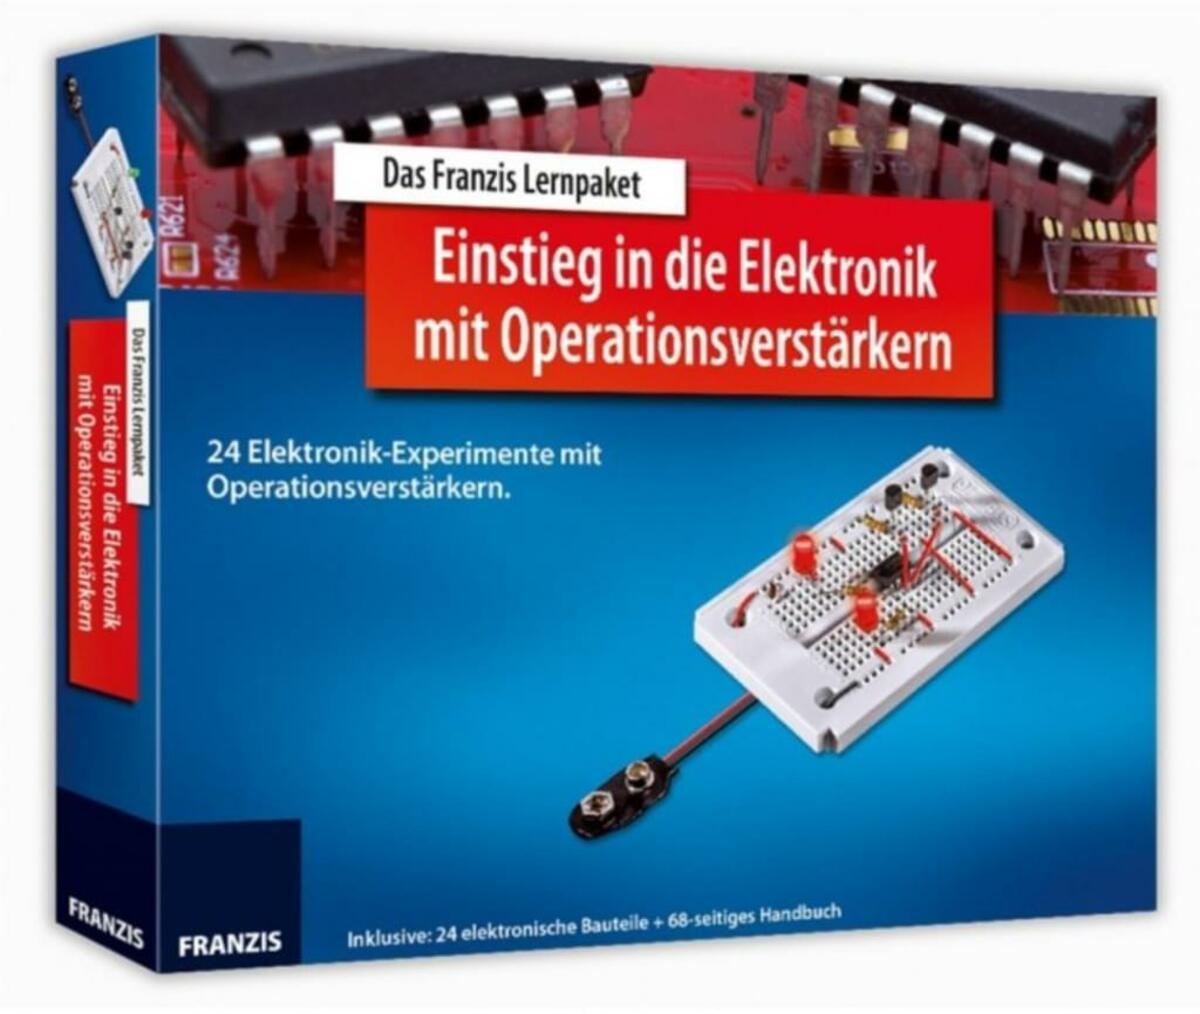 Bild 2 von Lernpaket Einstieg in die Elektronik mit Operationsverstärkern